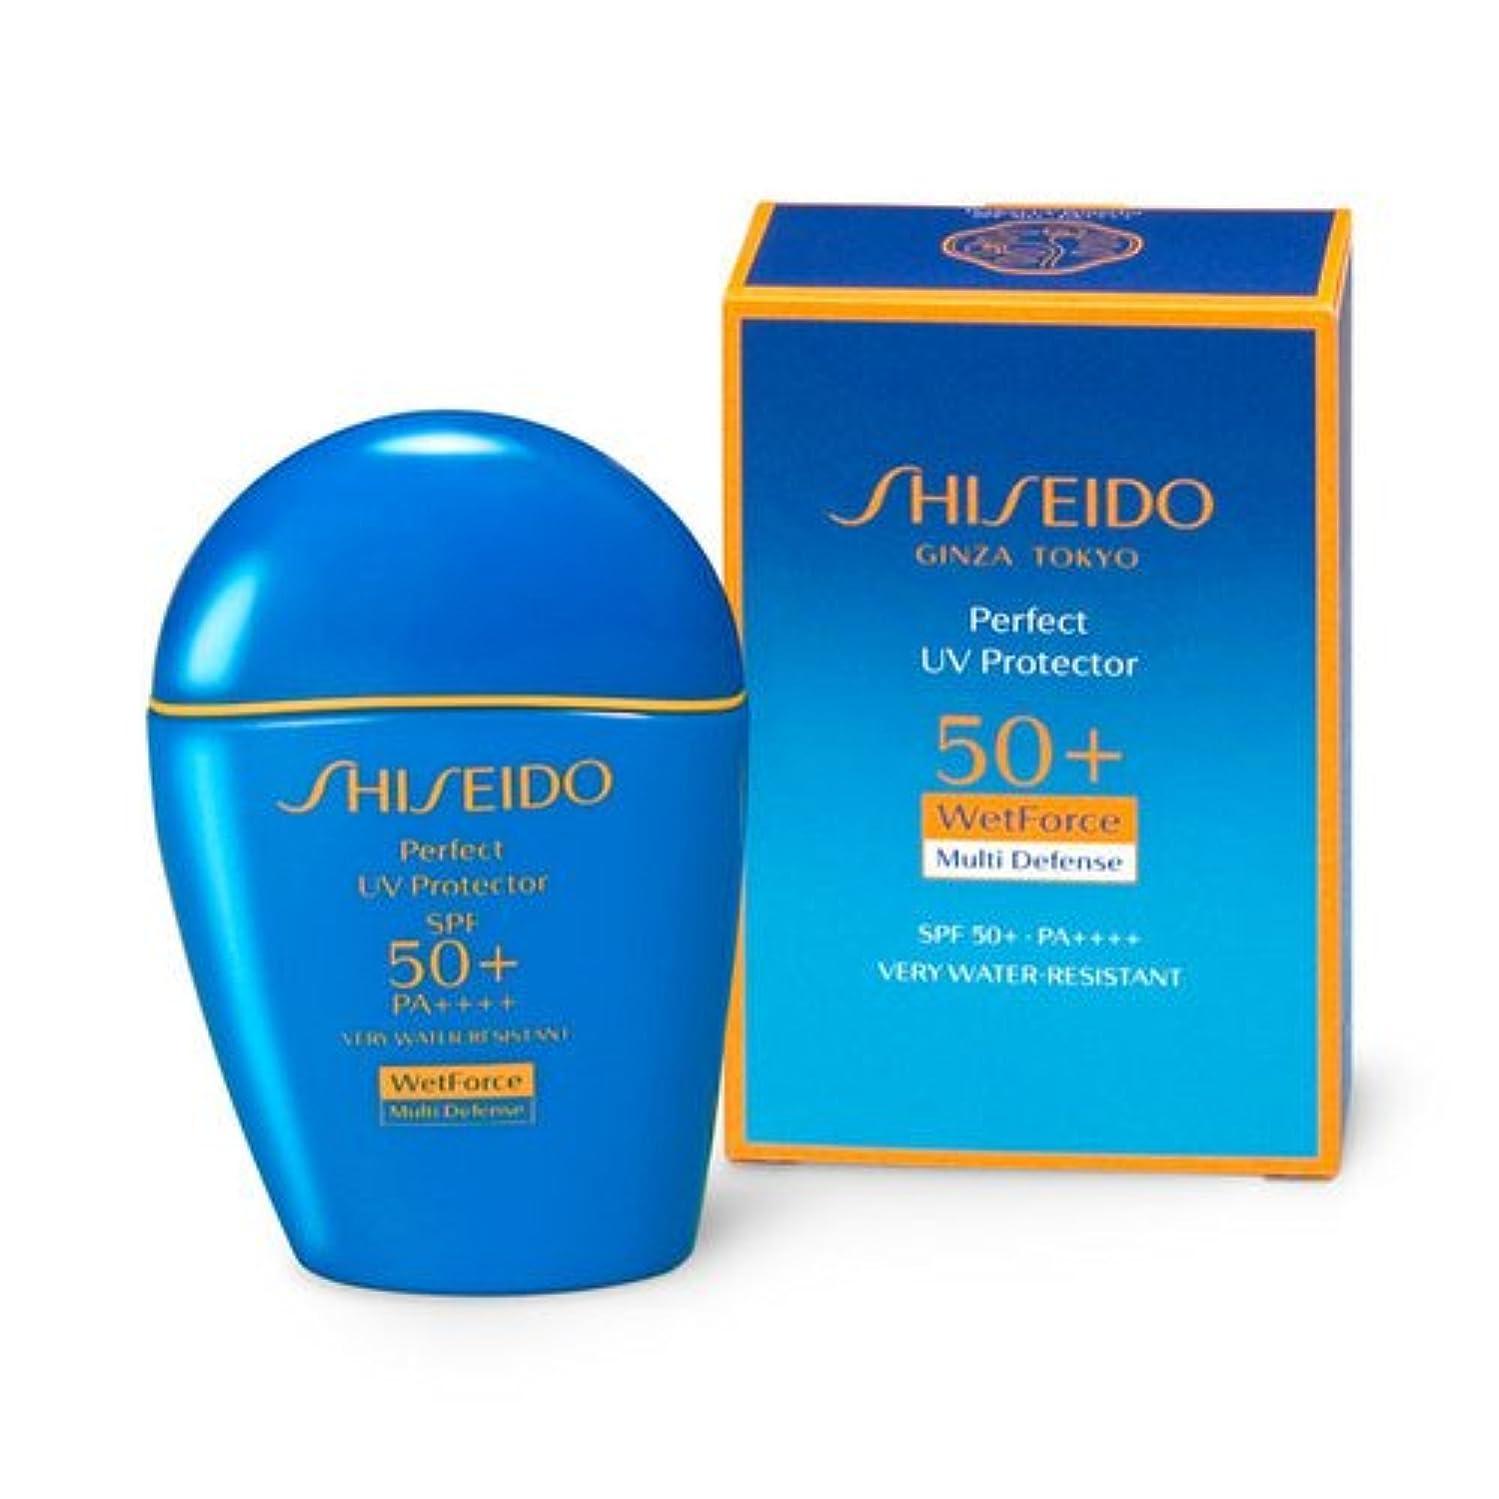 スライムロマンチック解任SHISEIDO Suncare(資生堂 サンケア) SHISEIDO(資生堂) パーフェクト UVプロテクター 50mL